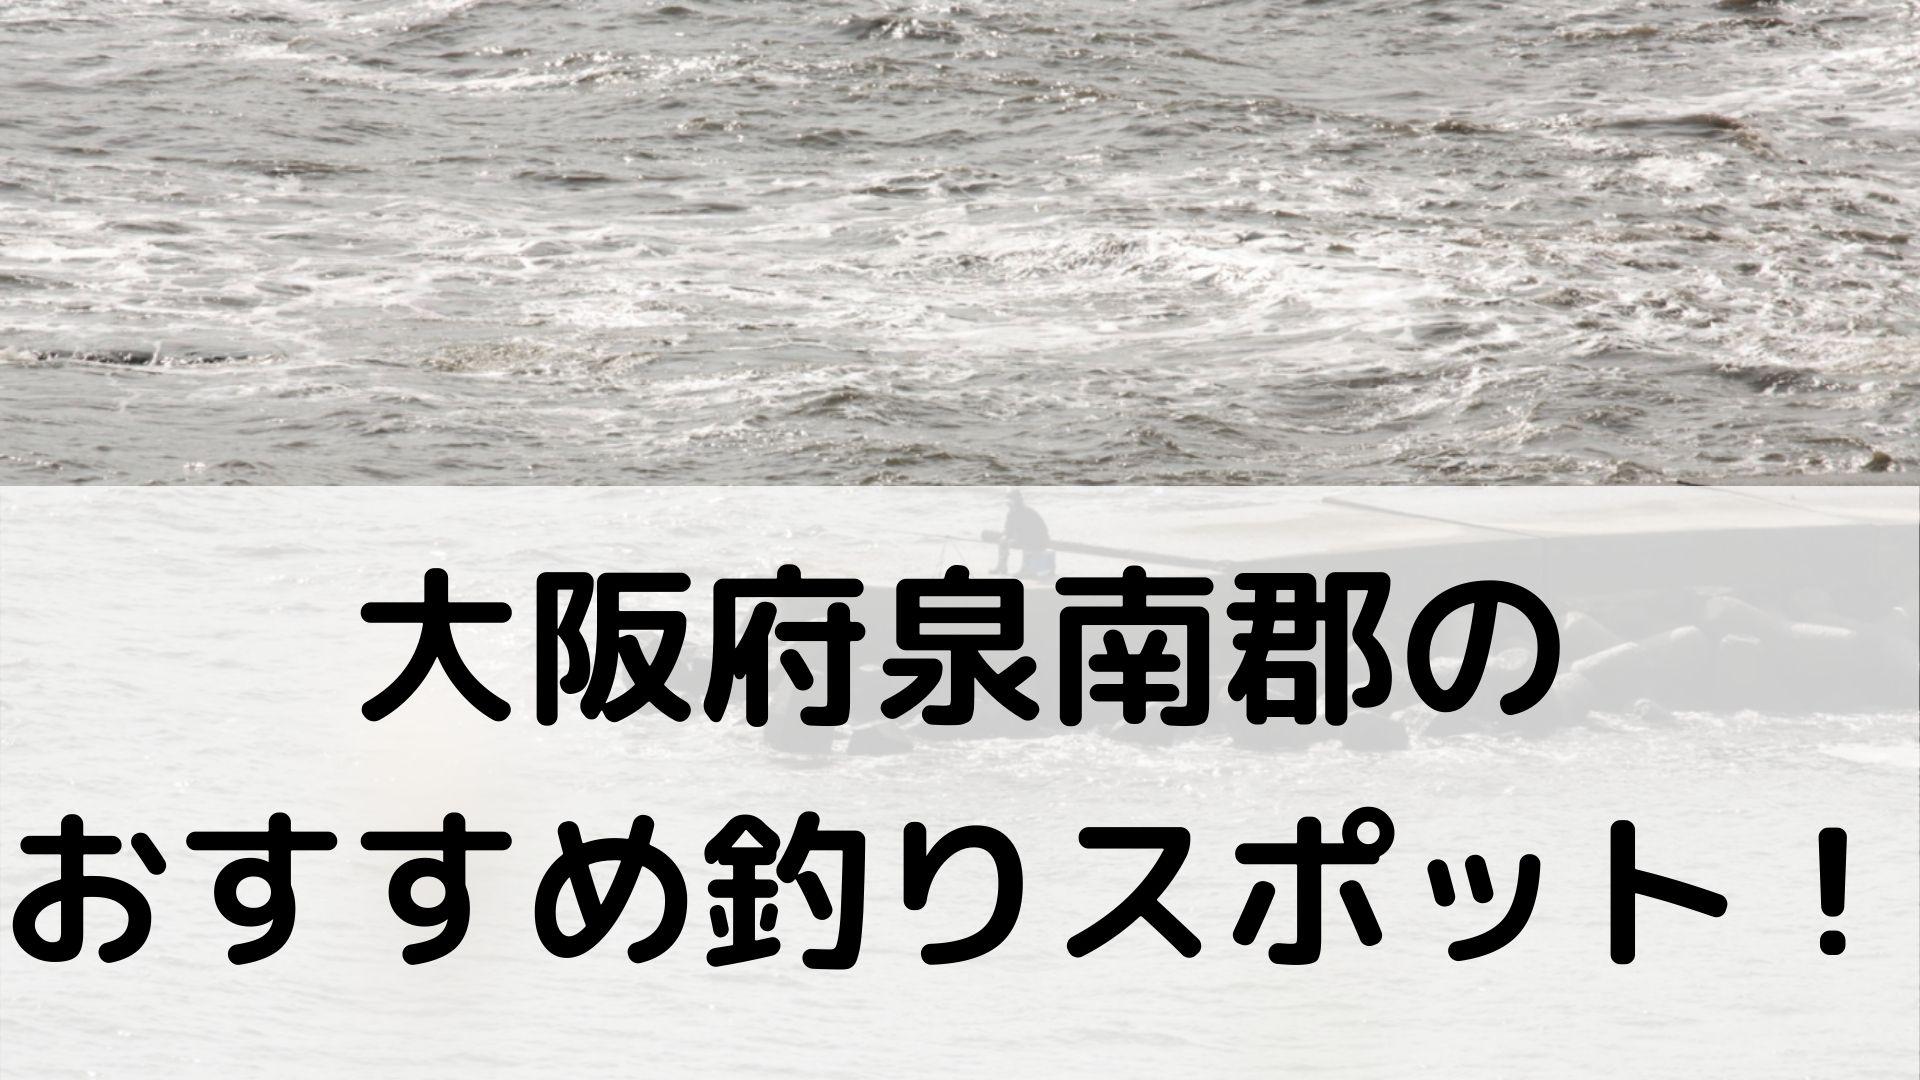 大阪府泉南郡のおすすめ釣りスポットに関する参考画像